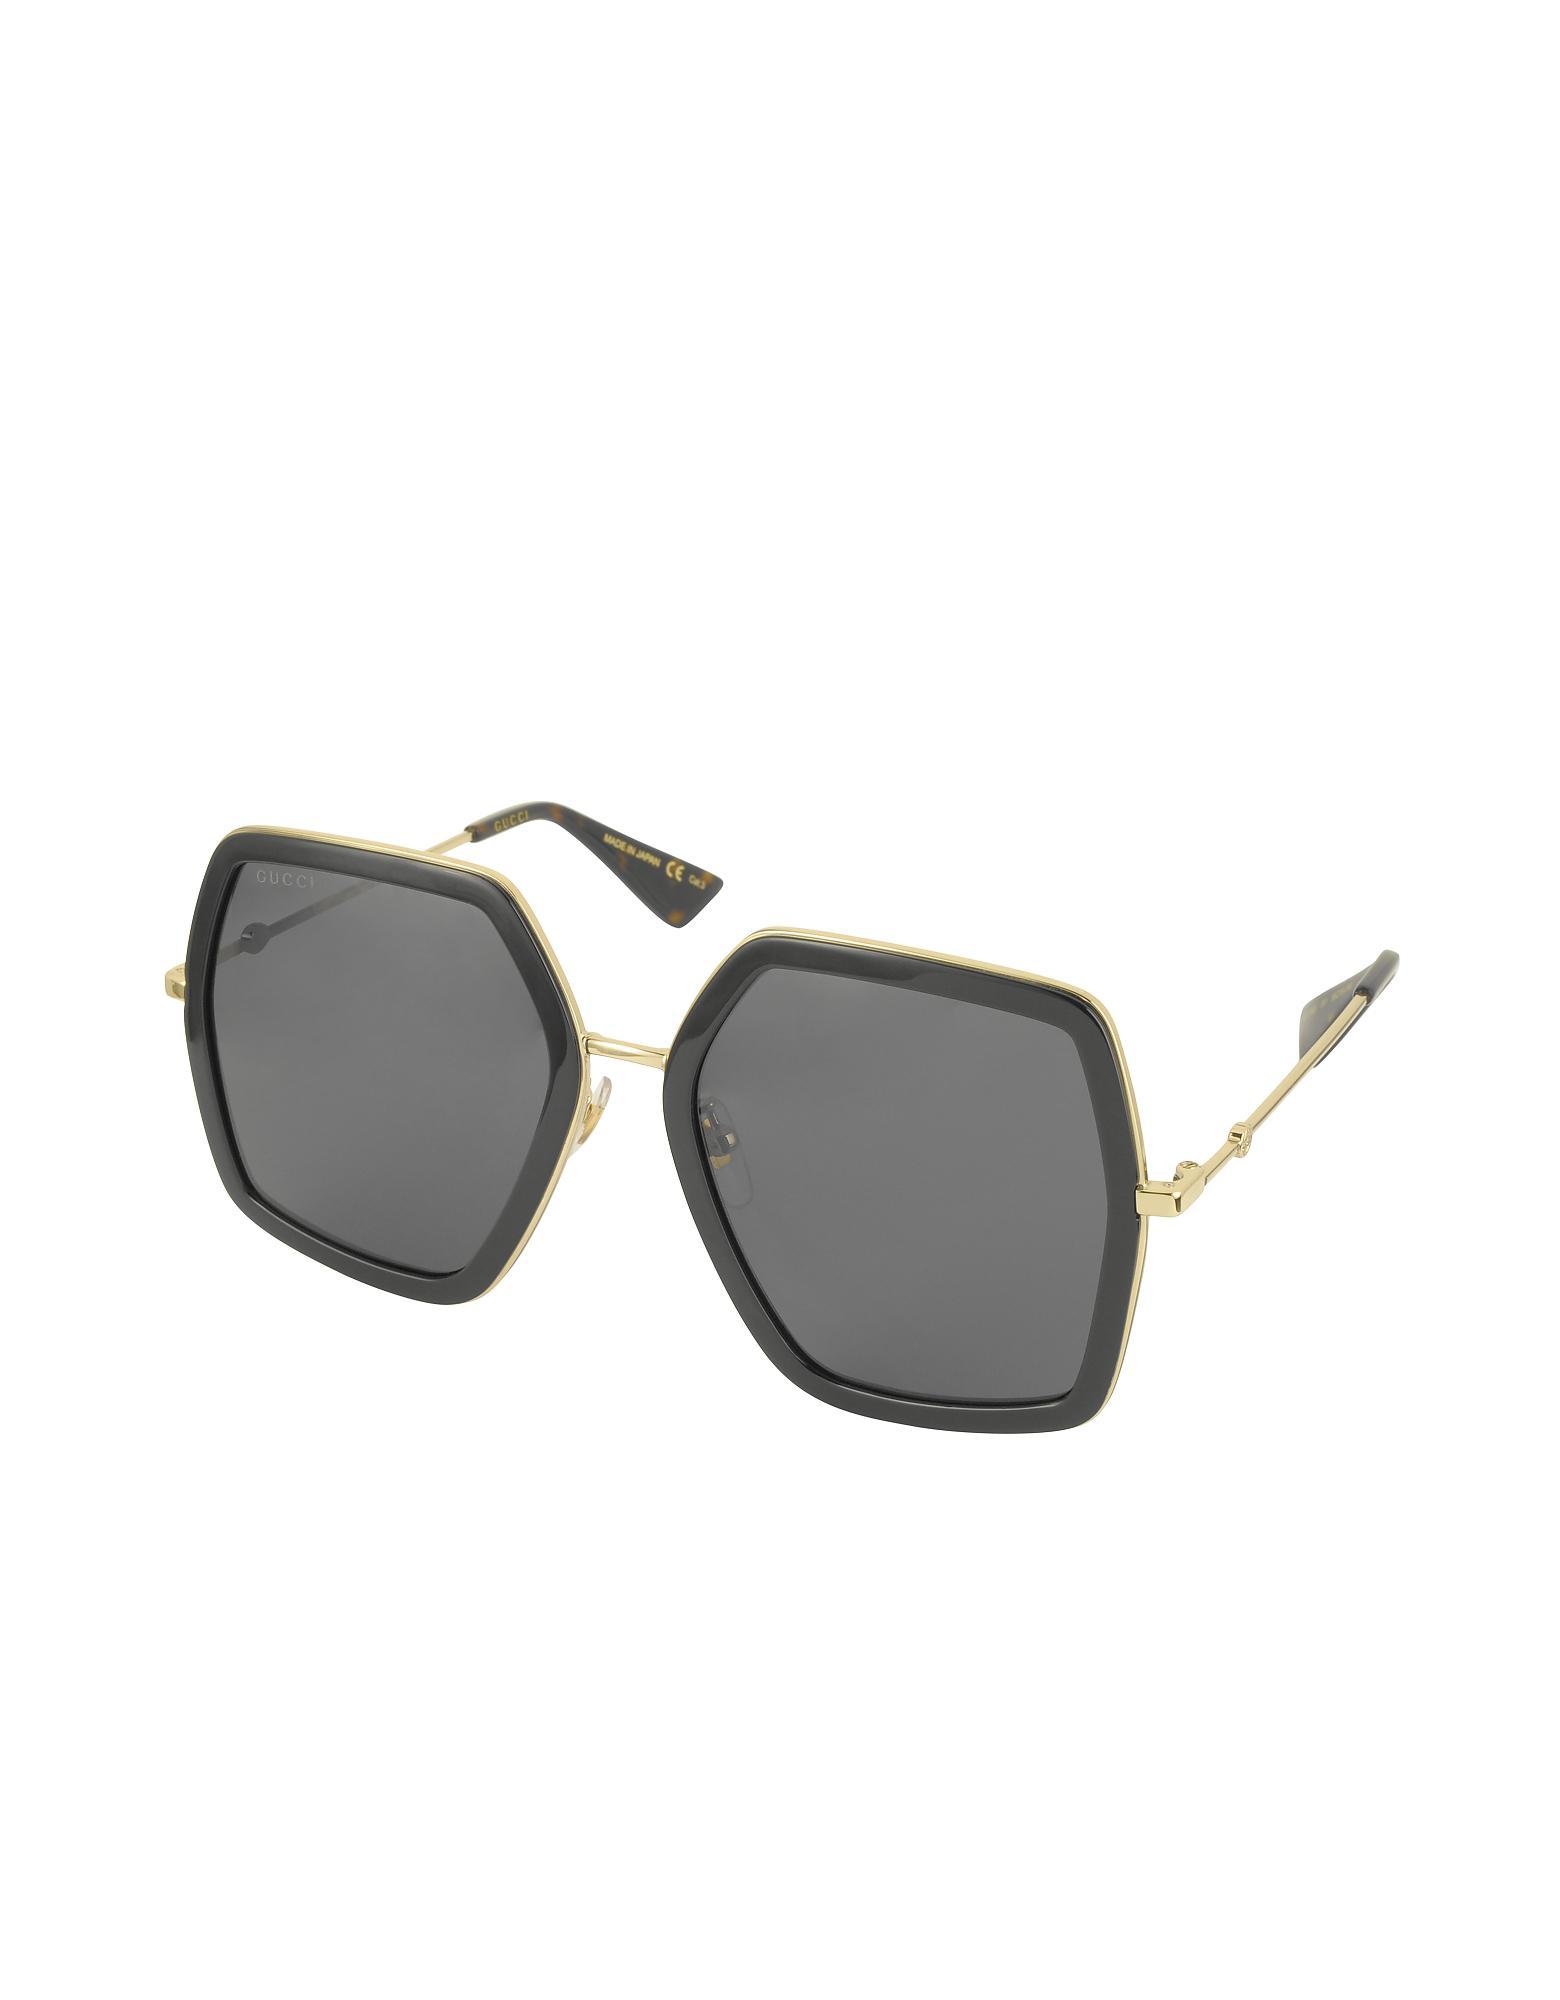 b6e4374e463 Gucci GG0106S 001 Black Acetate And Gold Metal Square Oversized Women s  Sunglasses in Black - Lyst